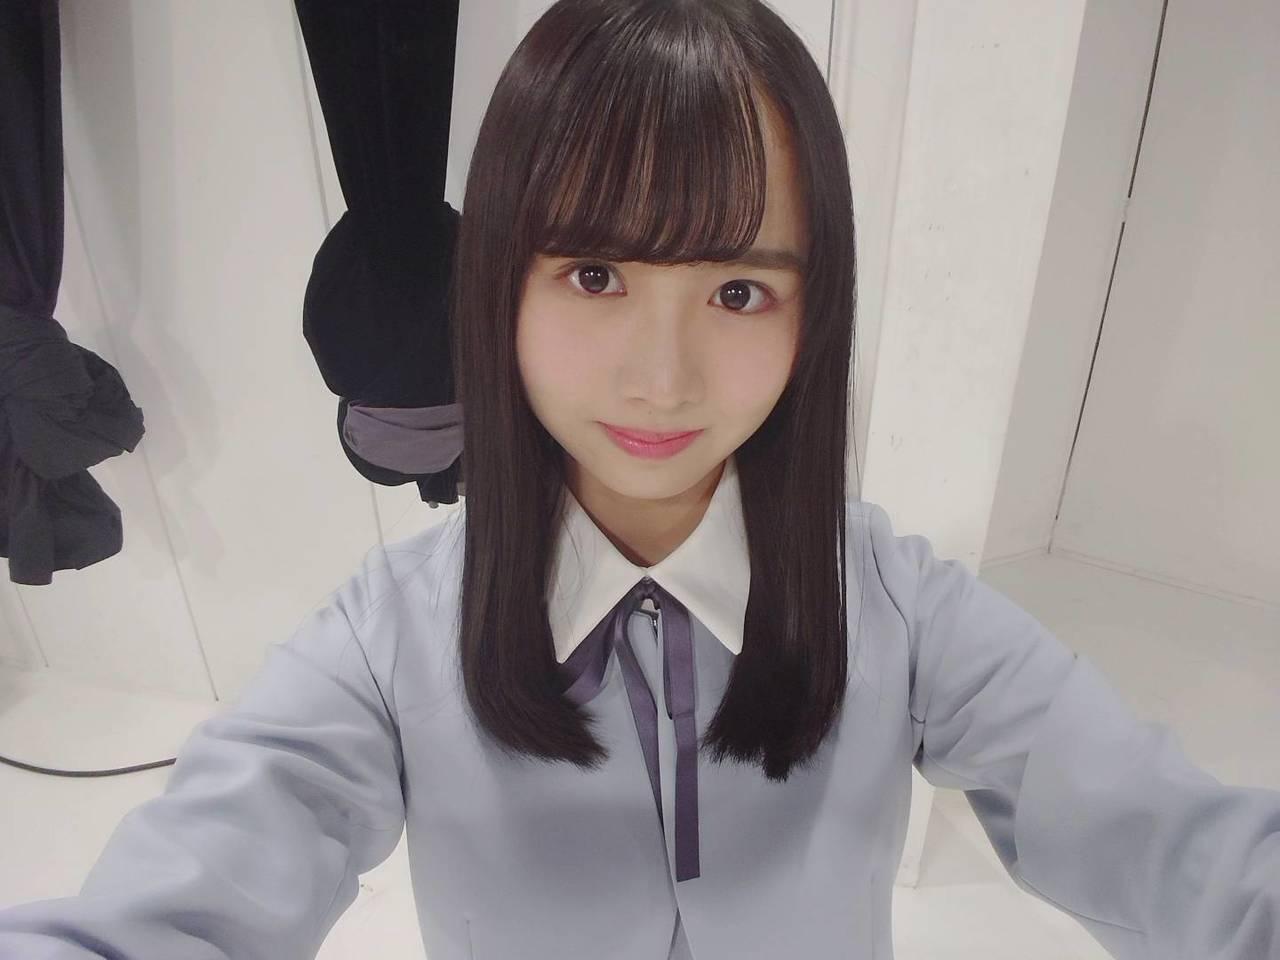 日向坂46メンバーブログまとめ2019年4月15日